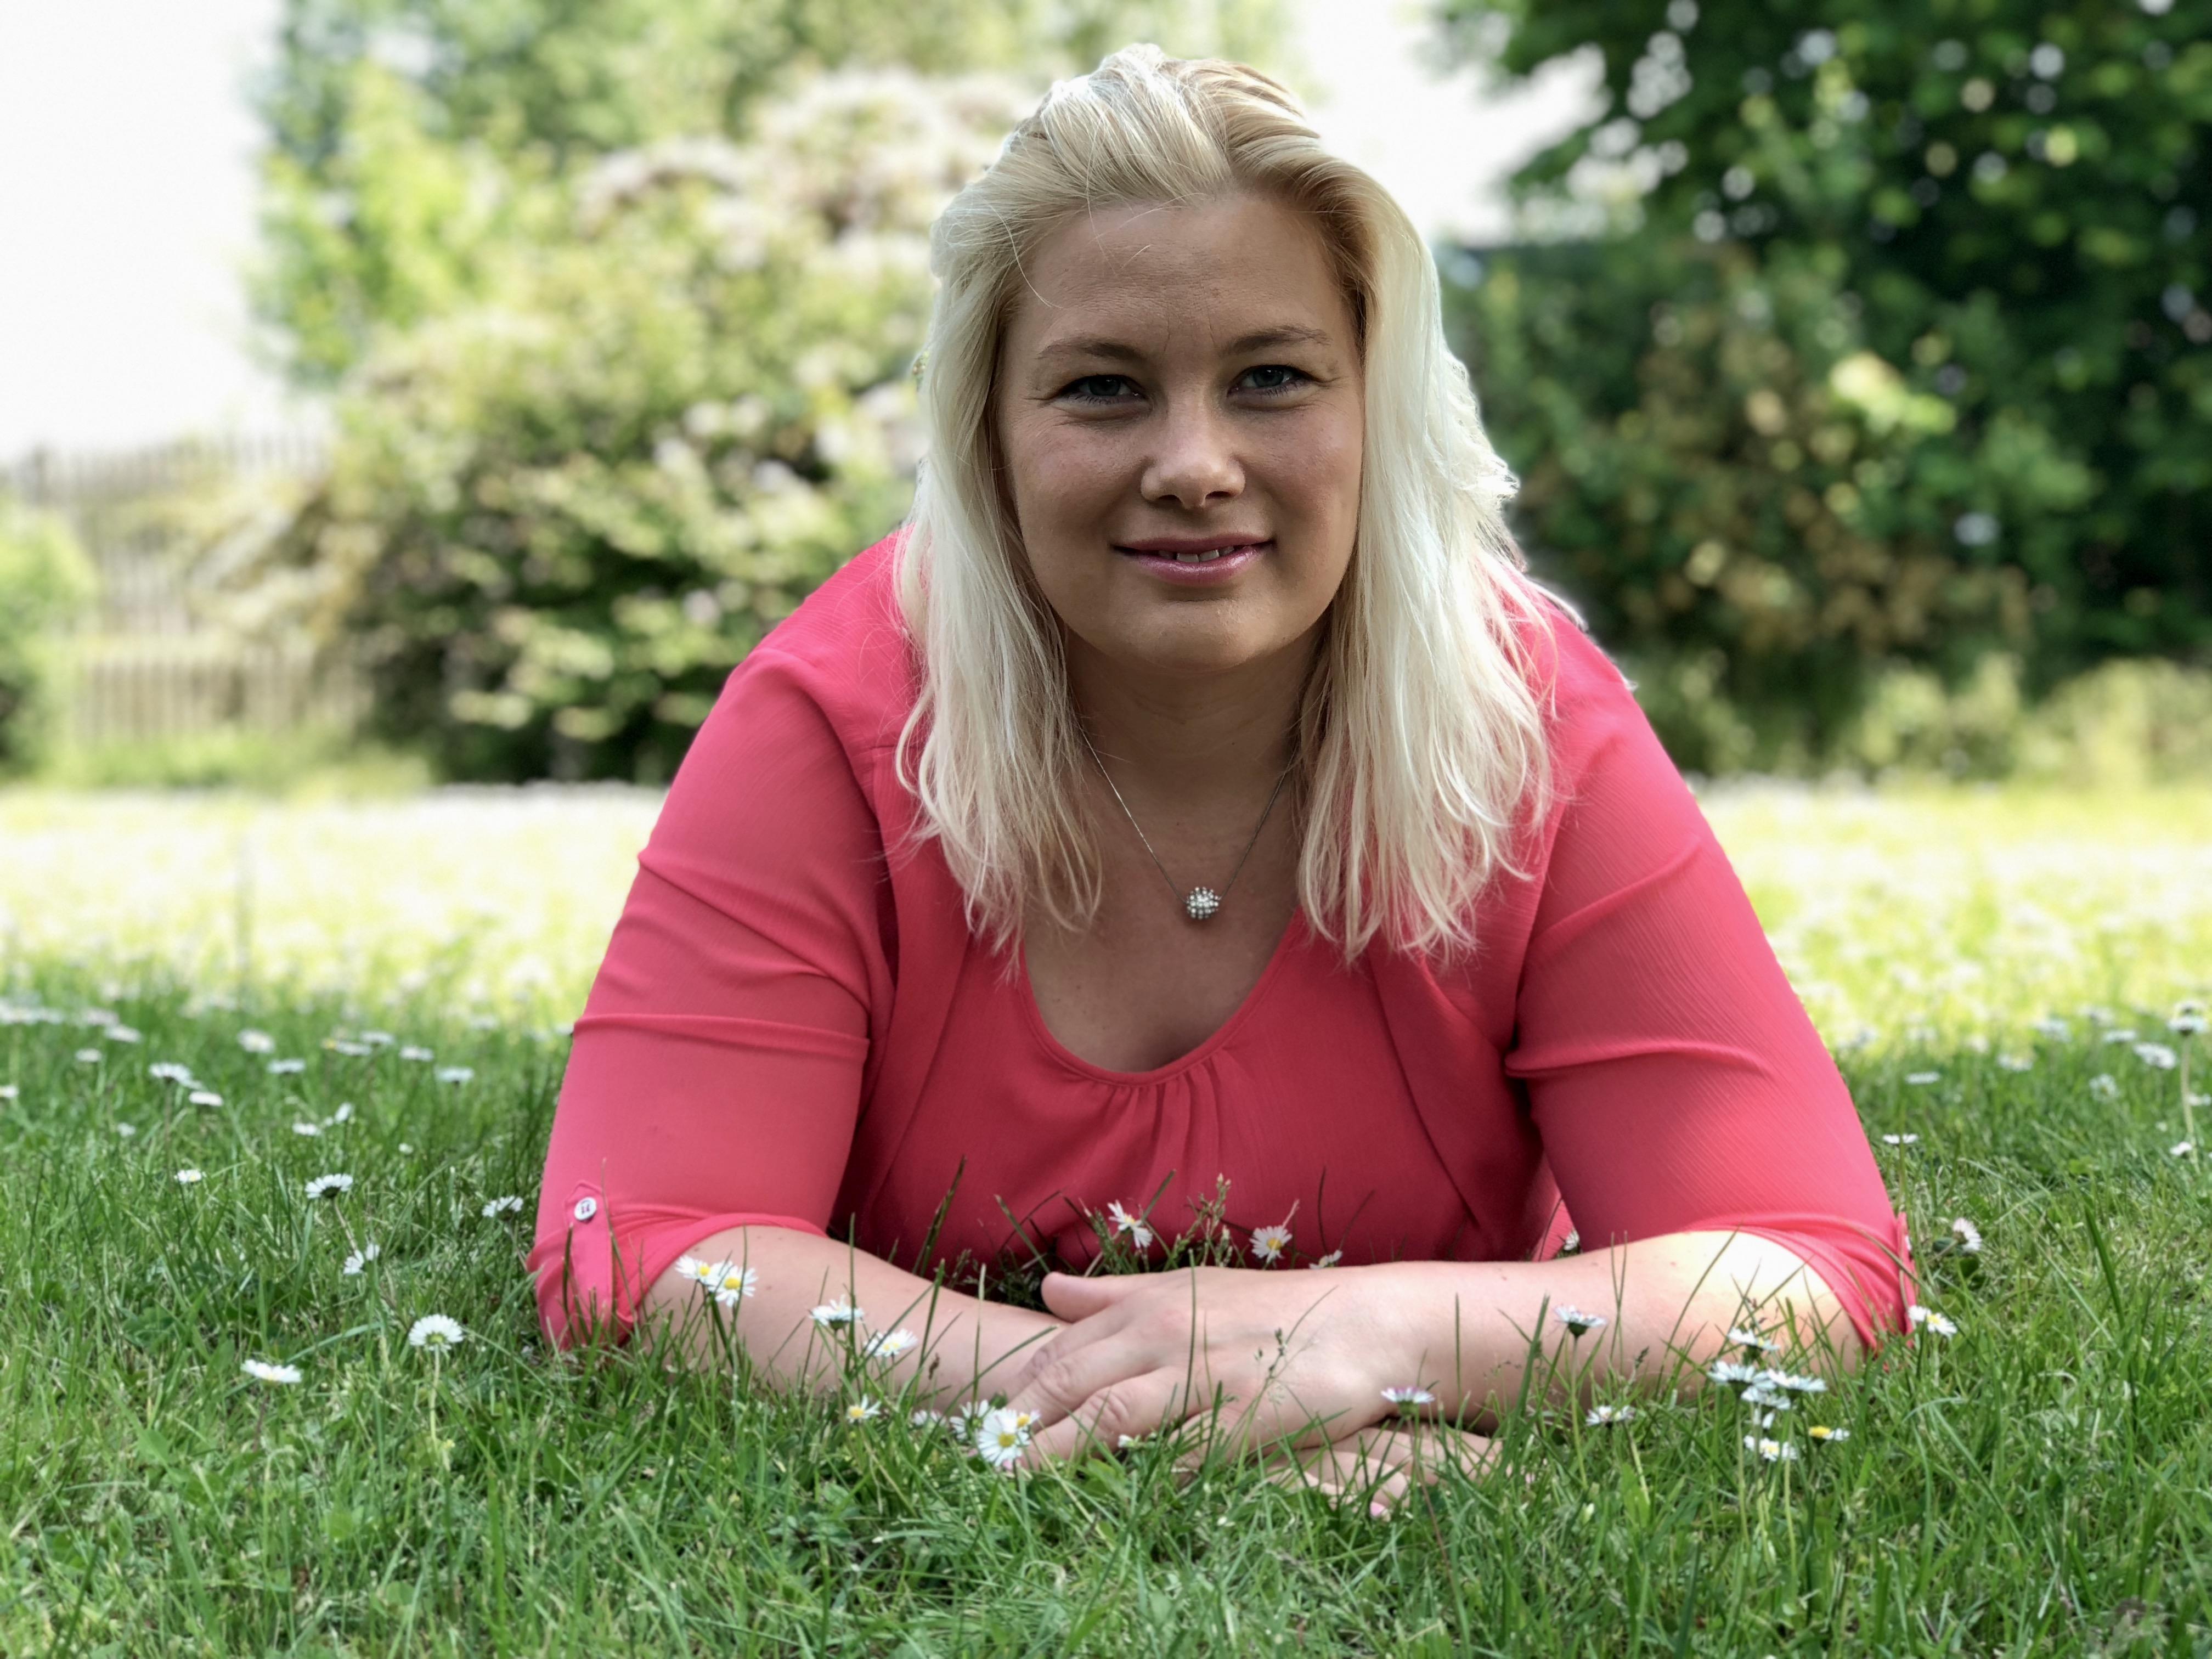 Pferdeliebe auch über die Grenzen hinaus: Dr. Julia Steinhoff-Wagner, Agrarwissenschaftlerin